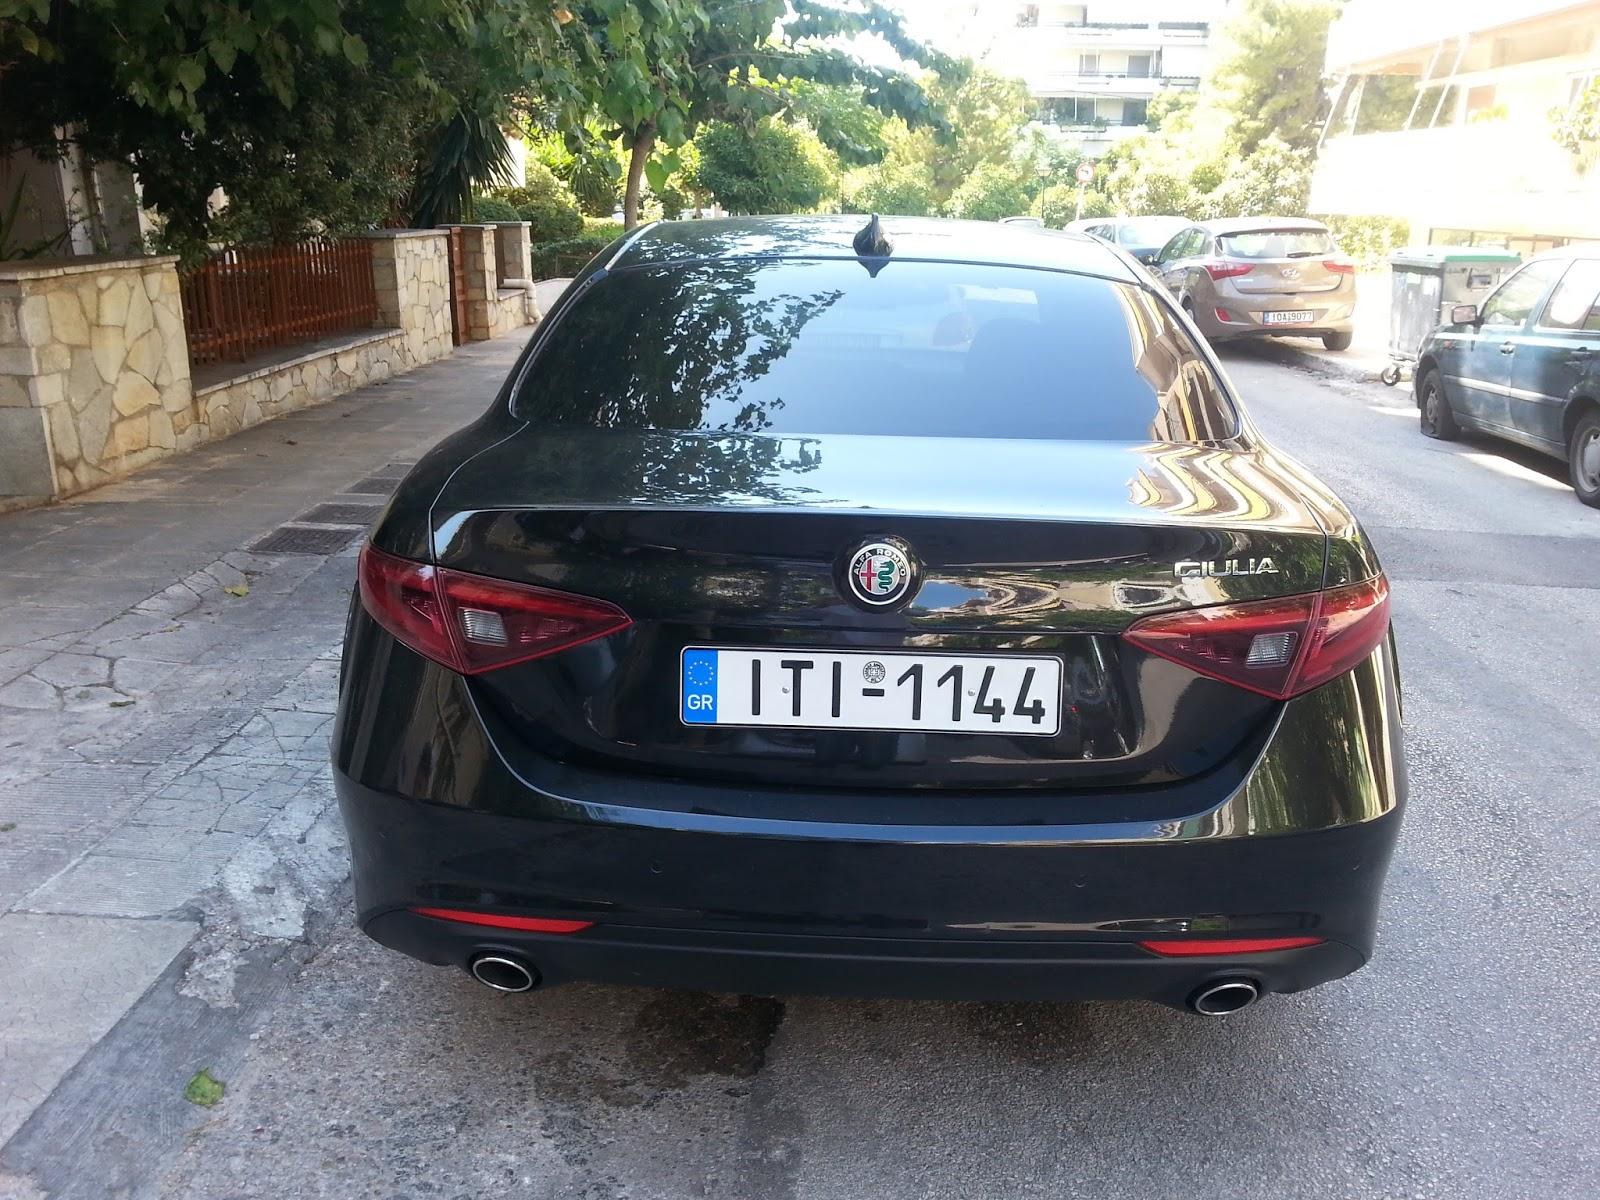 a2 1 Είναι η Alfa Romeo Giulia τόσο καλή όσο λένε;